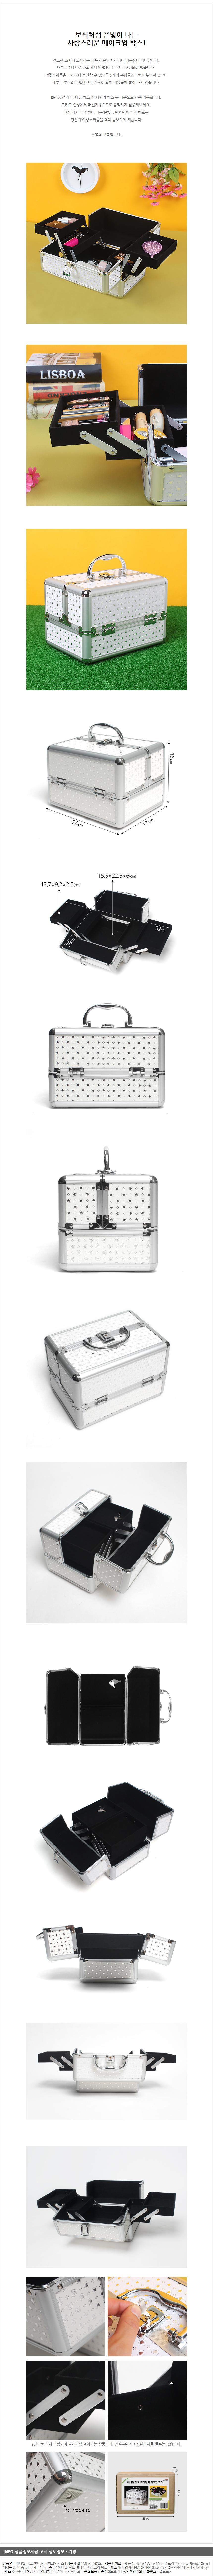 에나멜 하트 휴대용 메이크업 박스